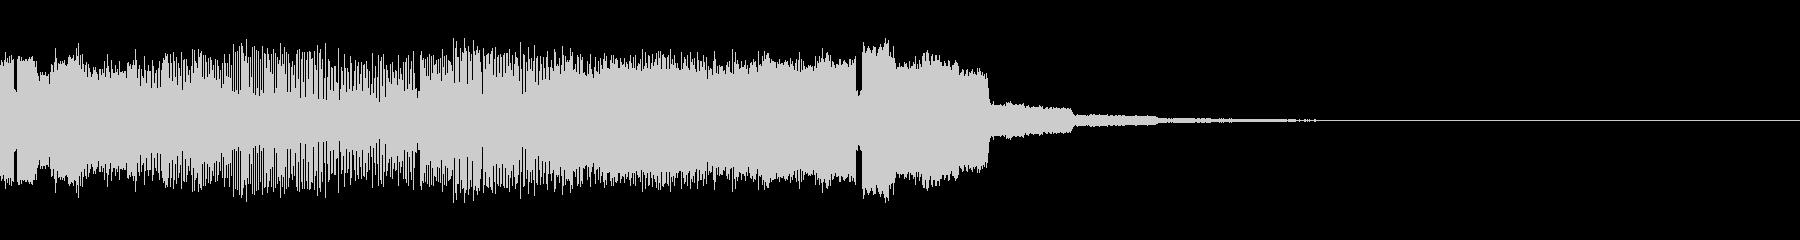 パチンコ的アイテム獲得音05(電子音)の未再生の波形